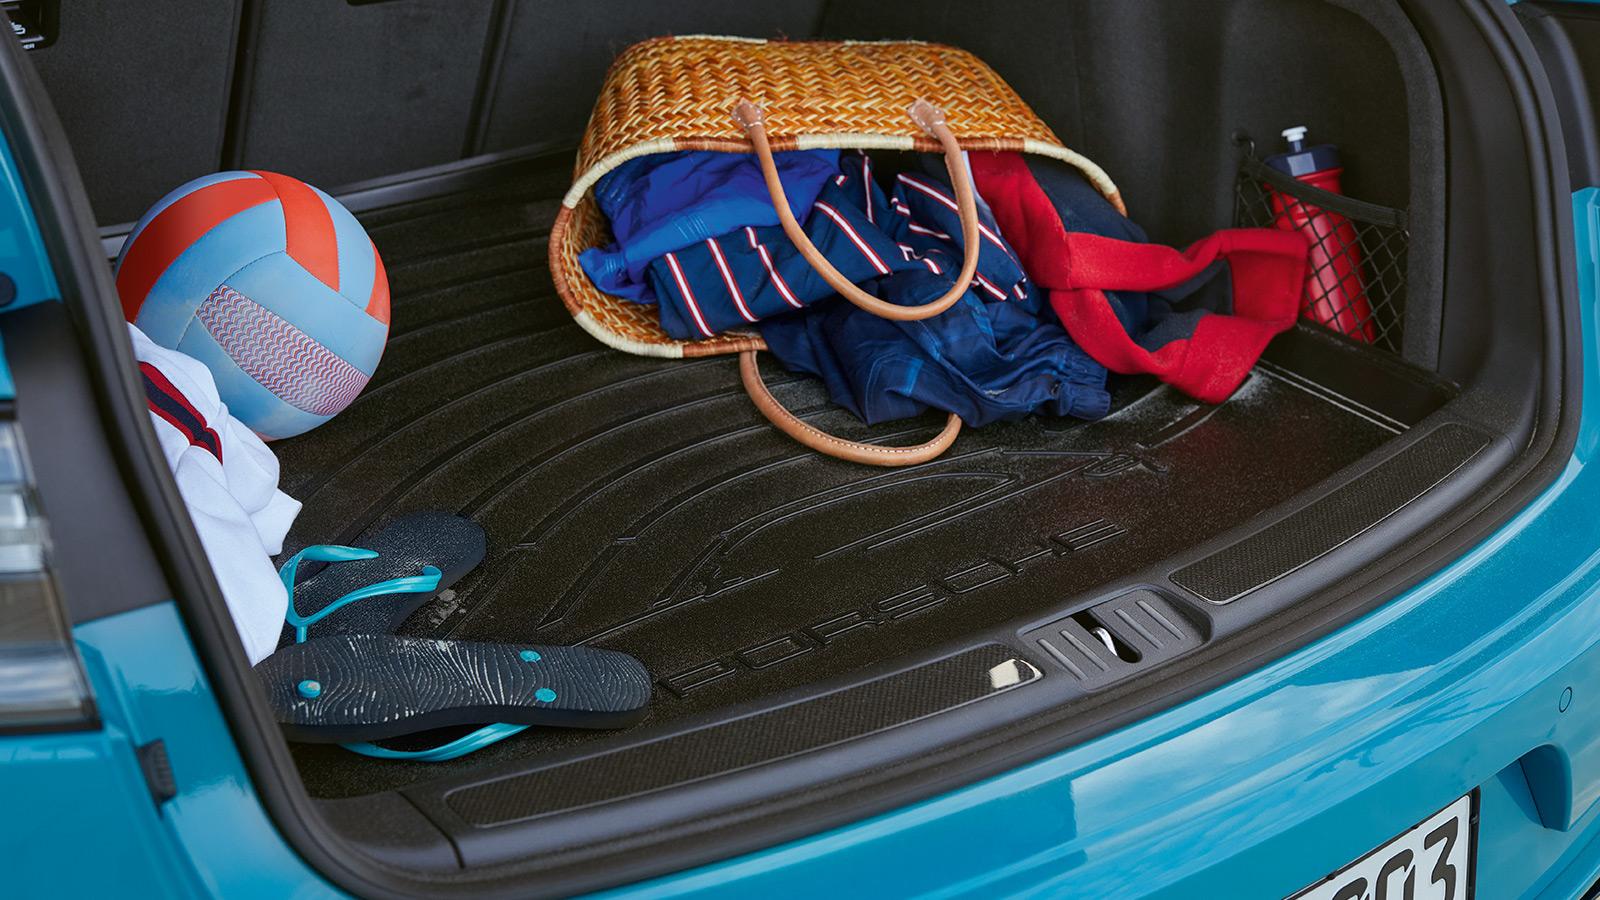 Porsche - Luggage compartment